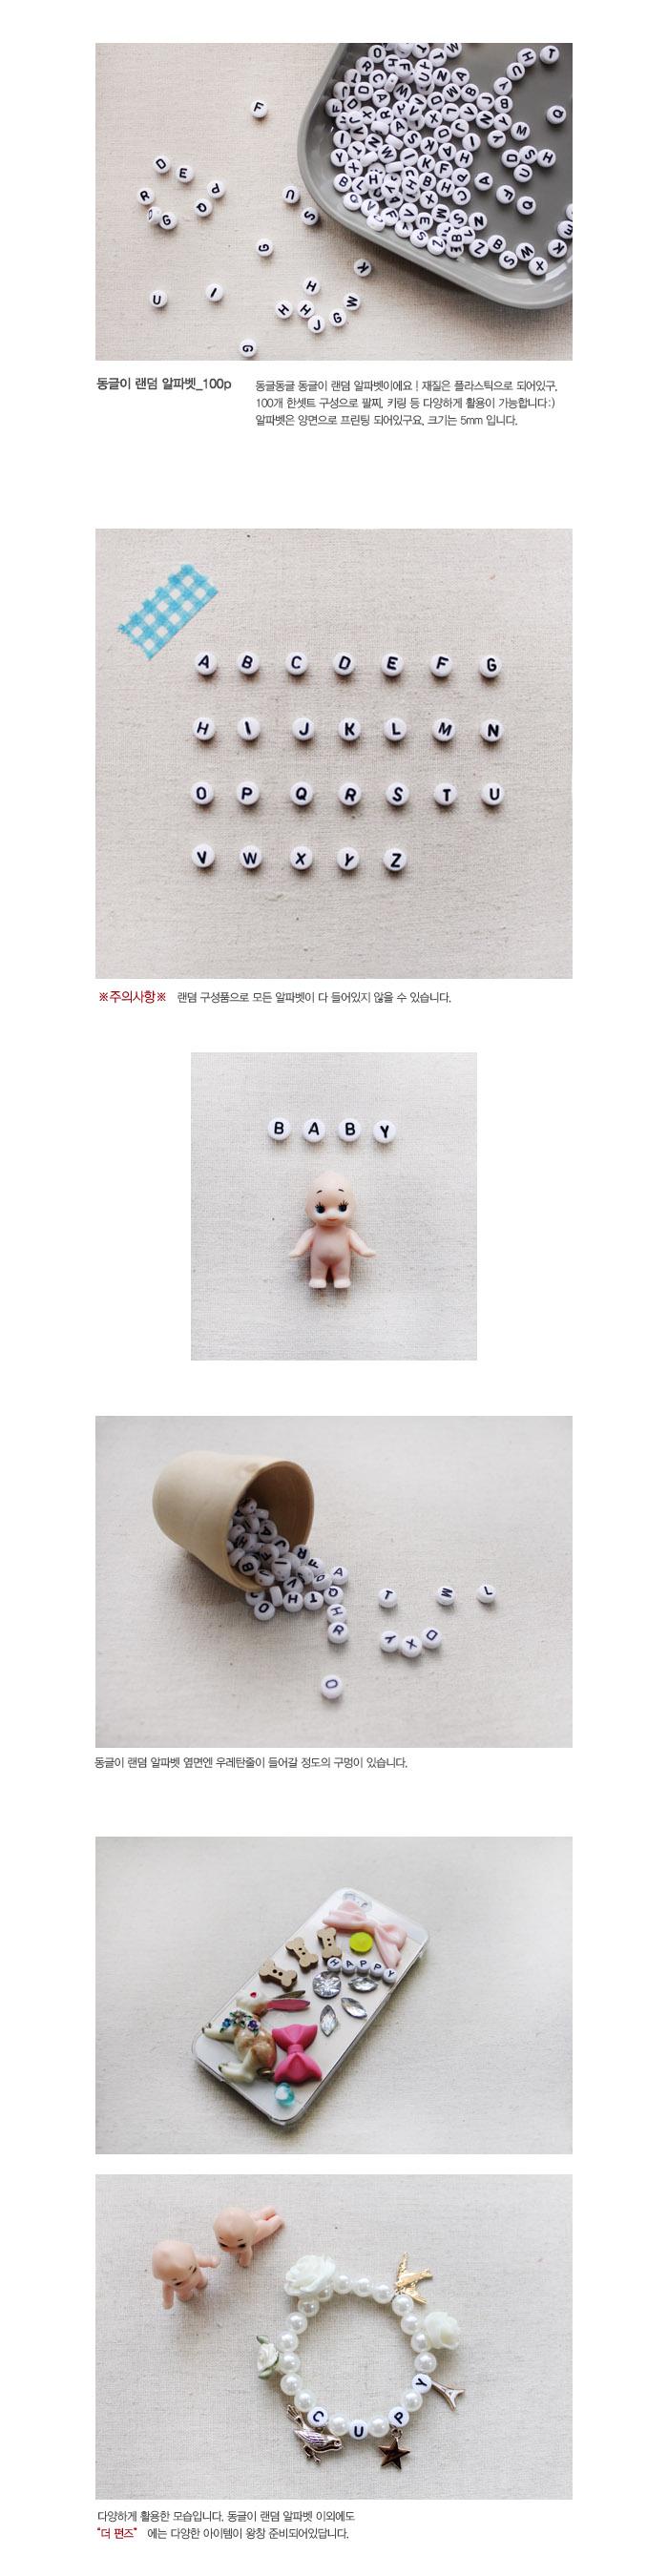 동글이랜덤알파벳_100p - 더펀즈, 5,500원, 주얼리 DIY, 팔찌/발찌